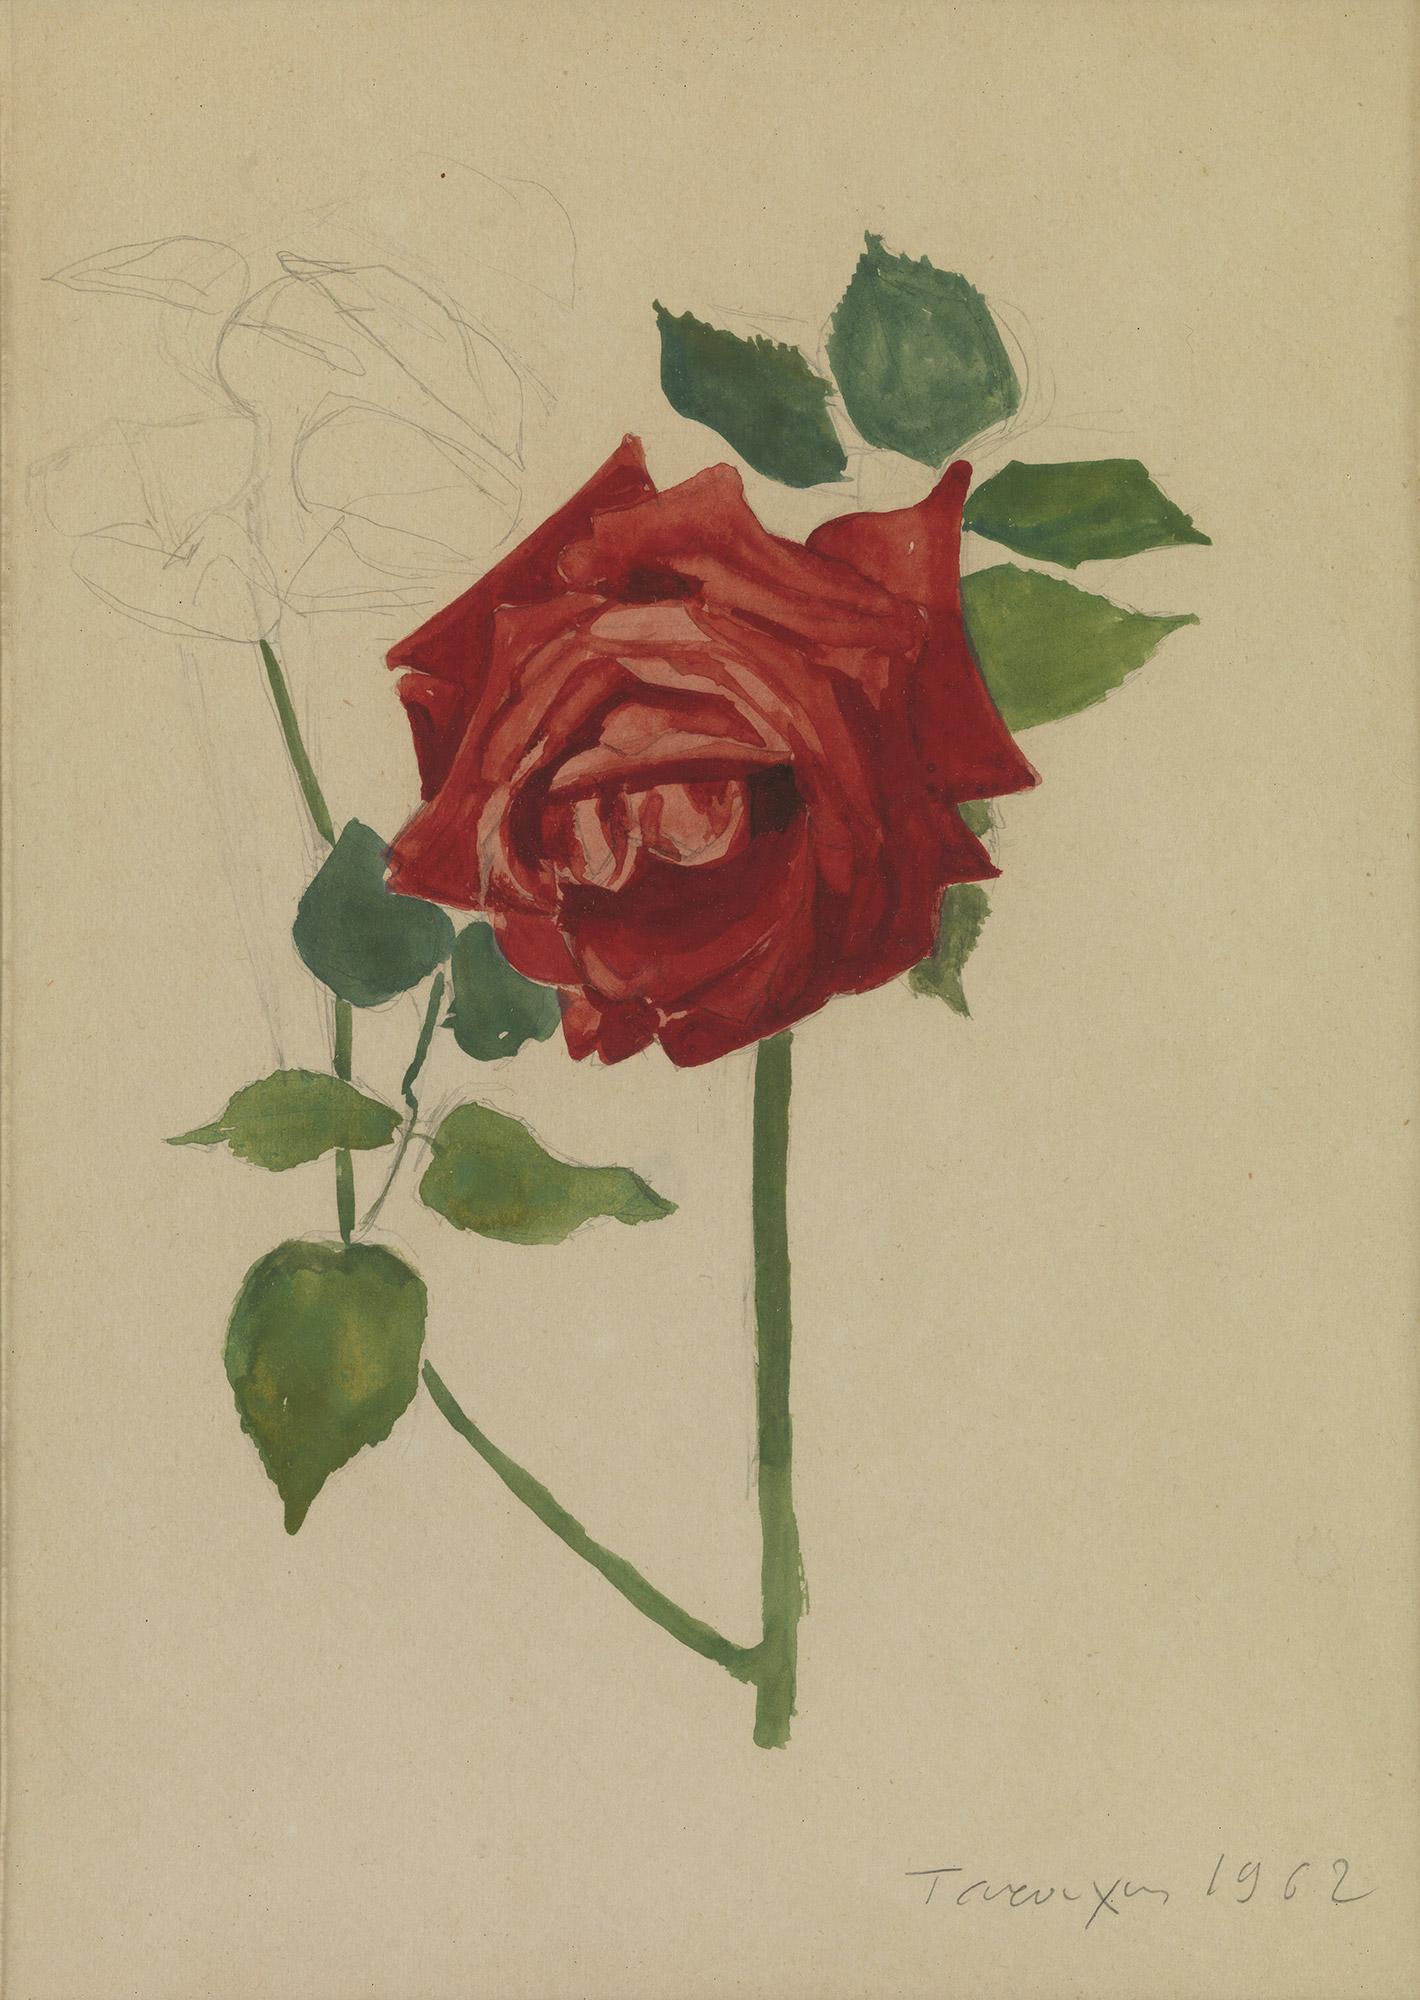 Yiannis Tsarouchis - Roses